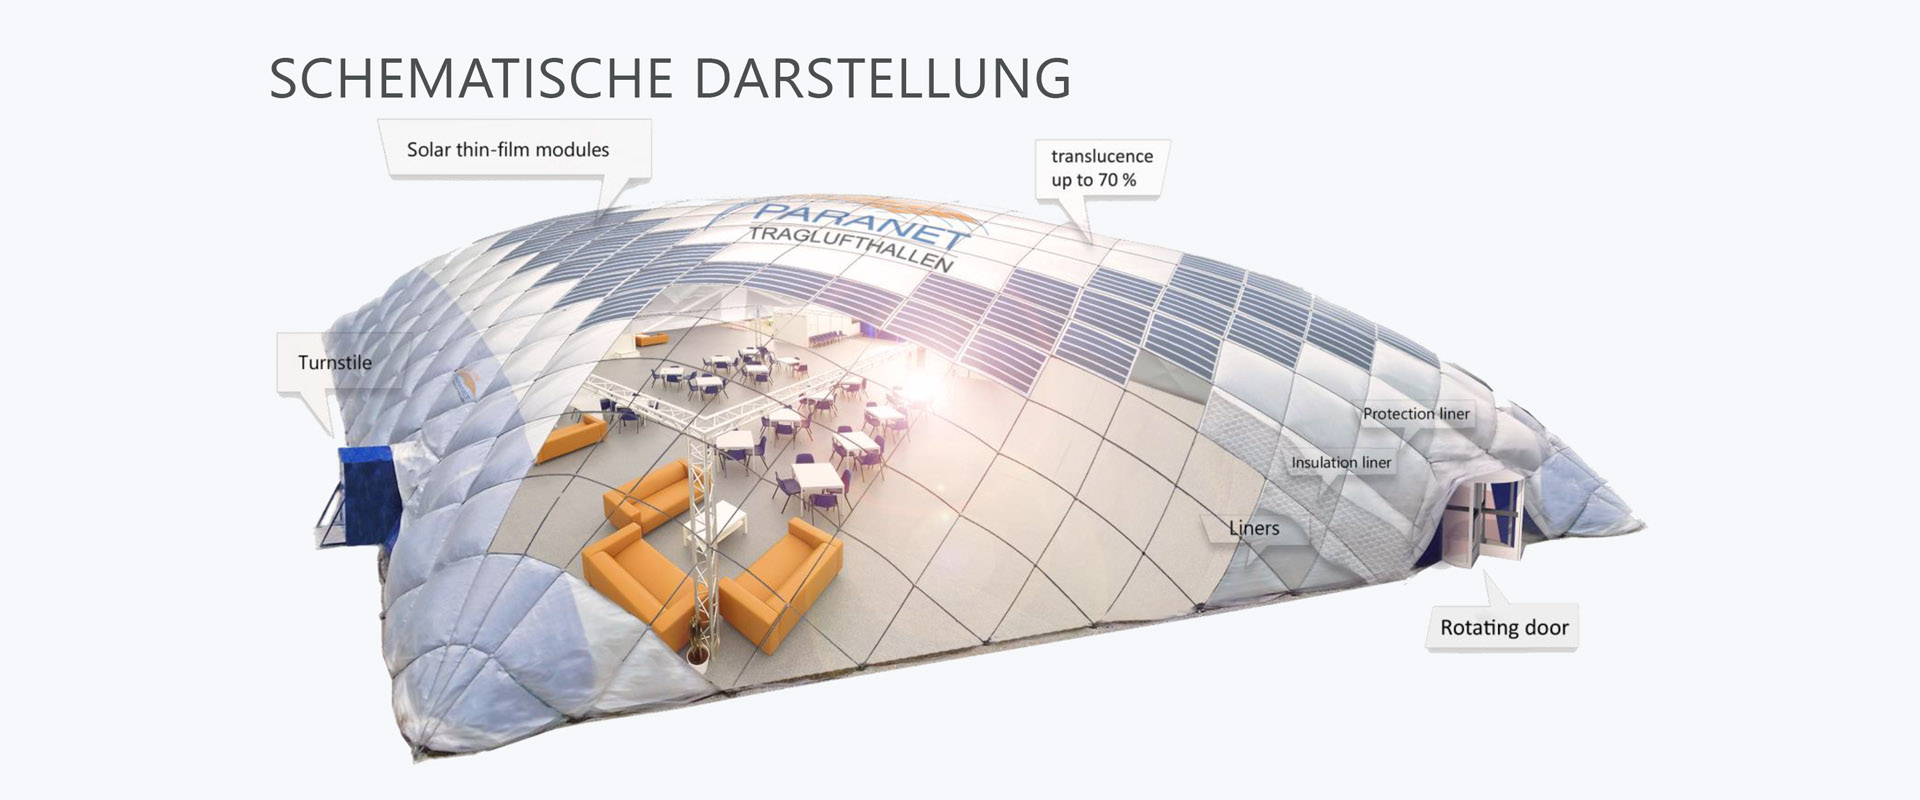 paranet-deutschland-slider-1920x800-office-to-go-2